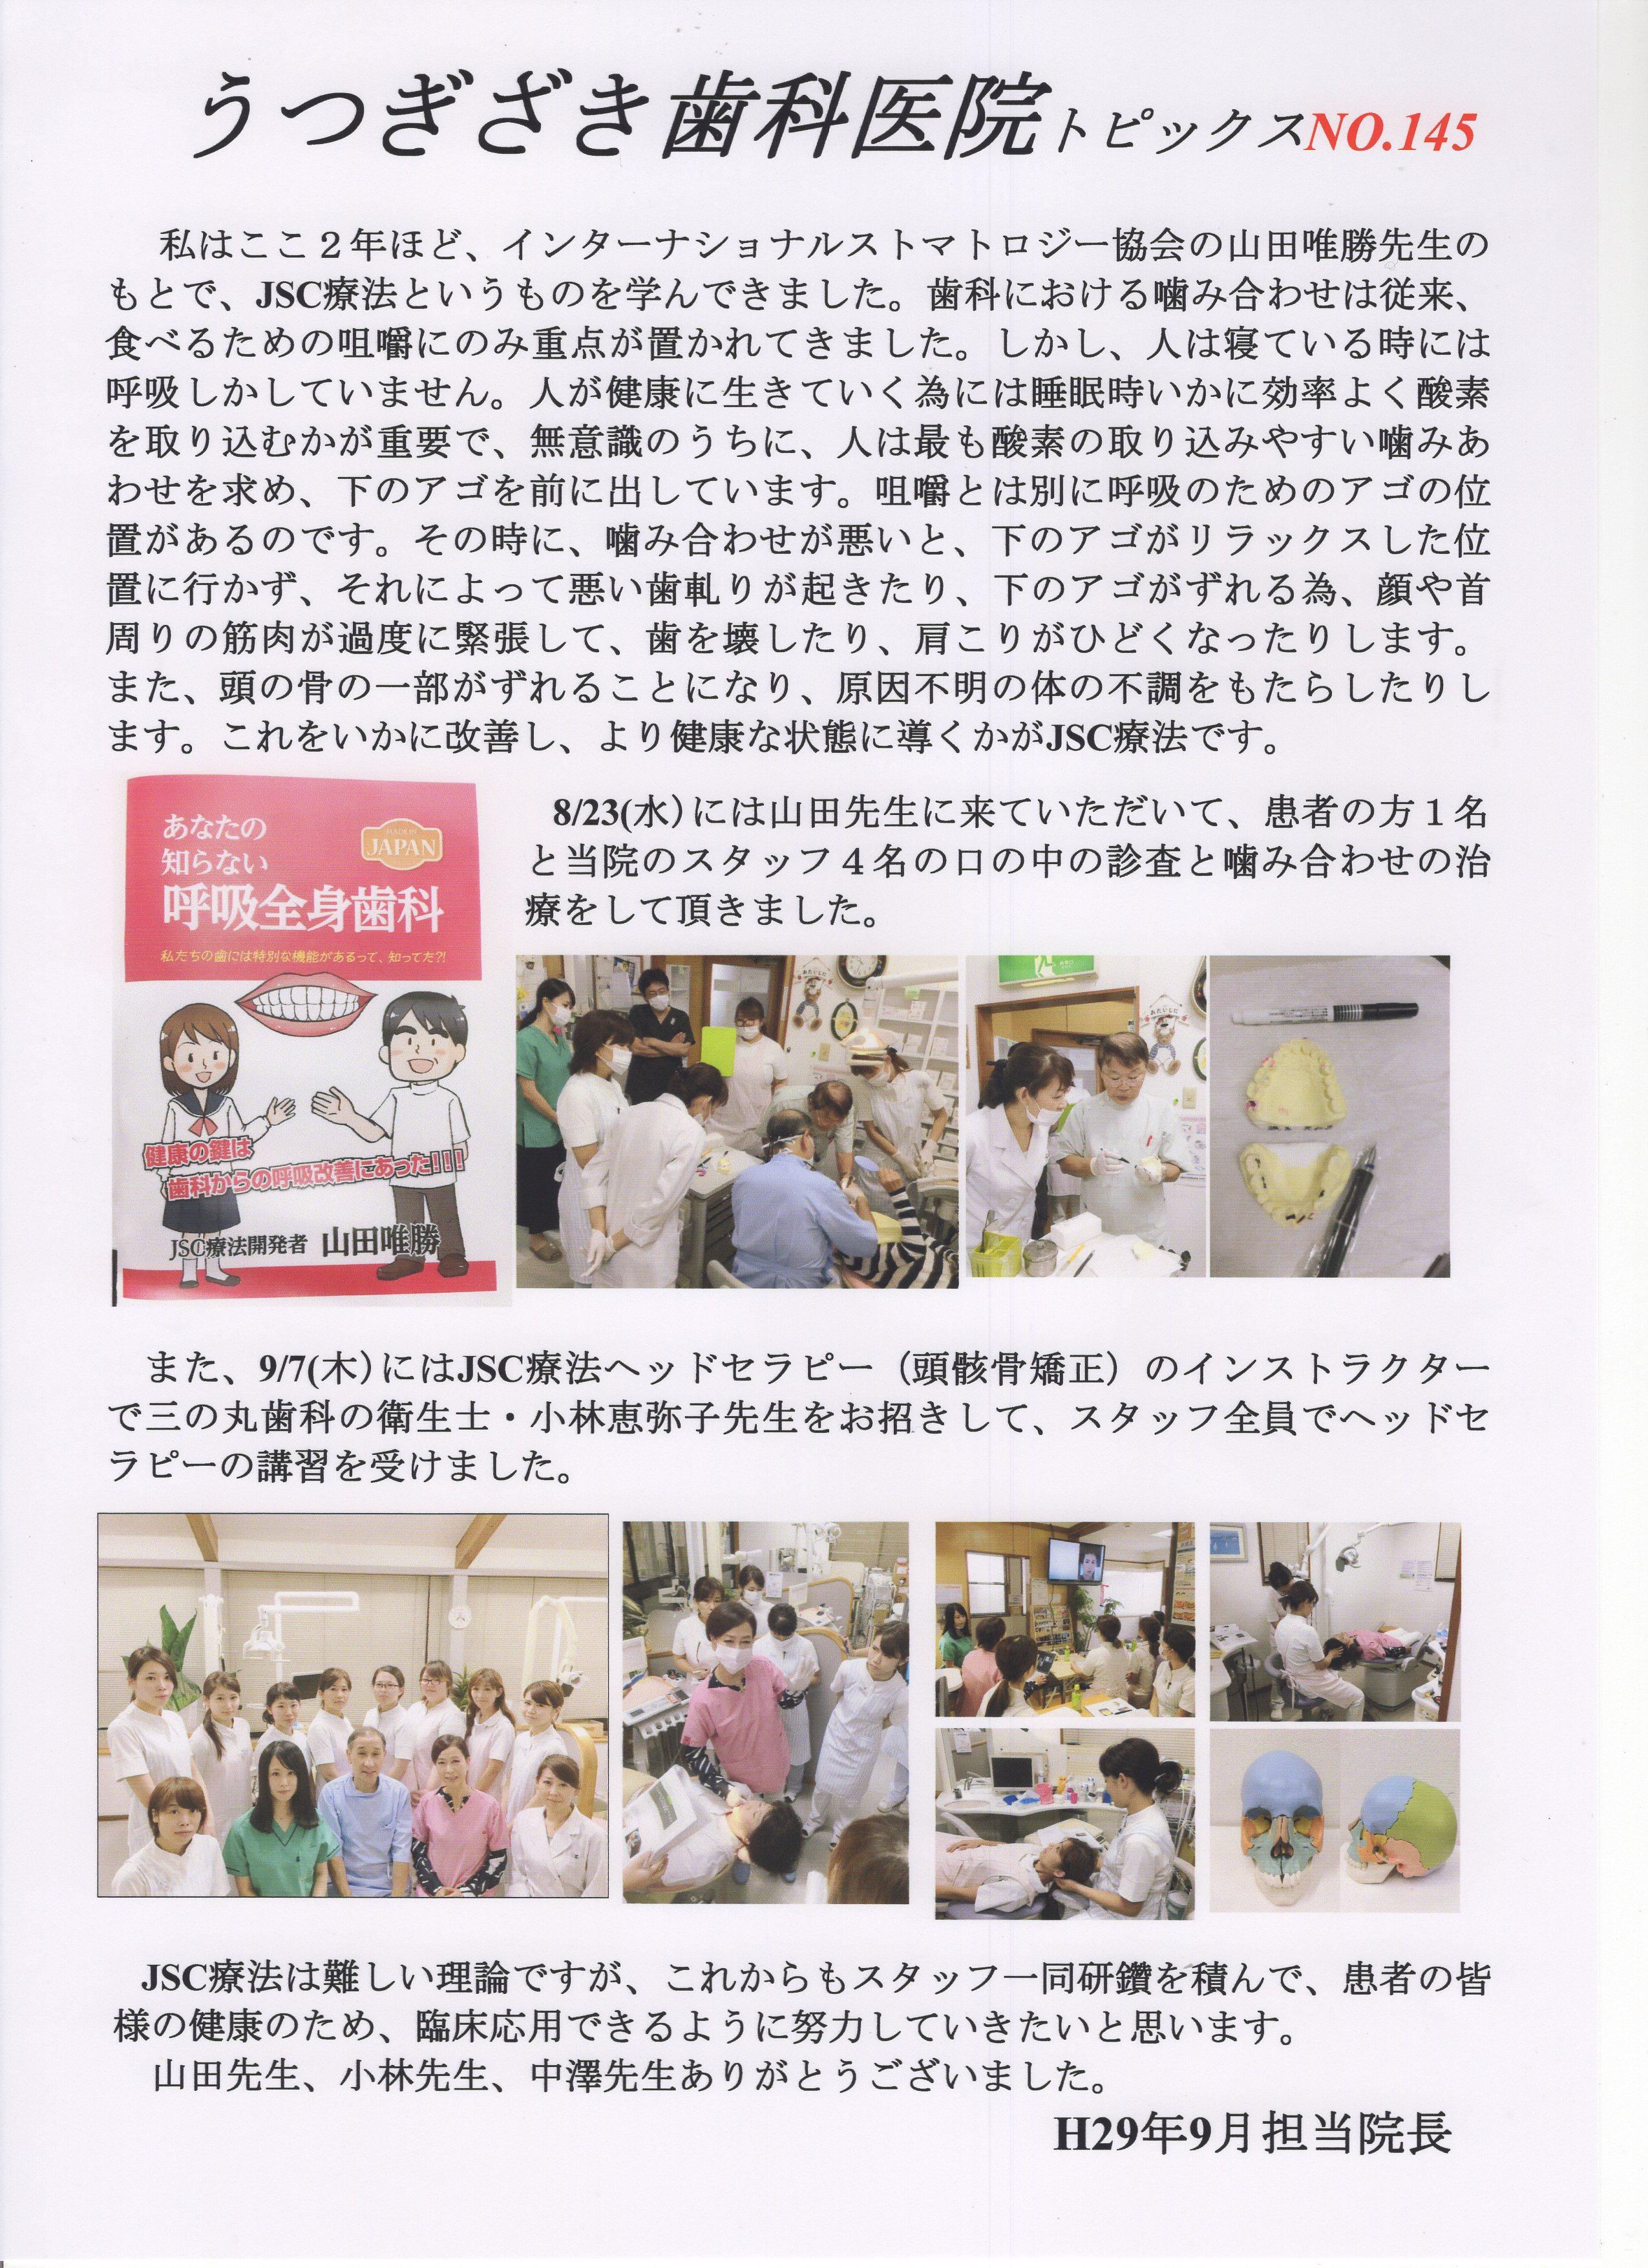 うつぎざき歯科医院トピックス NO.145